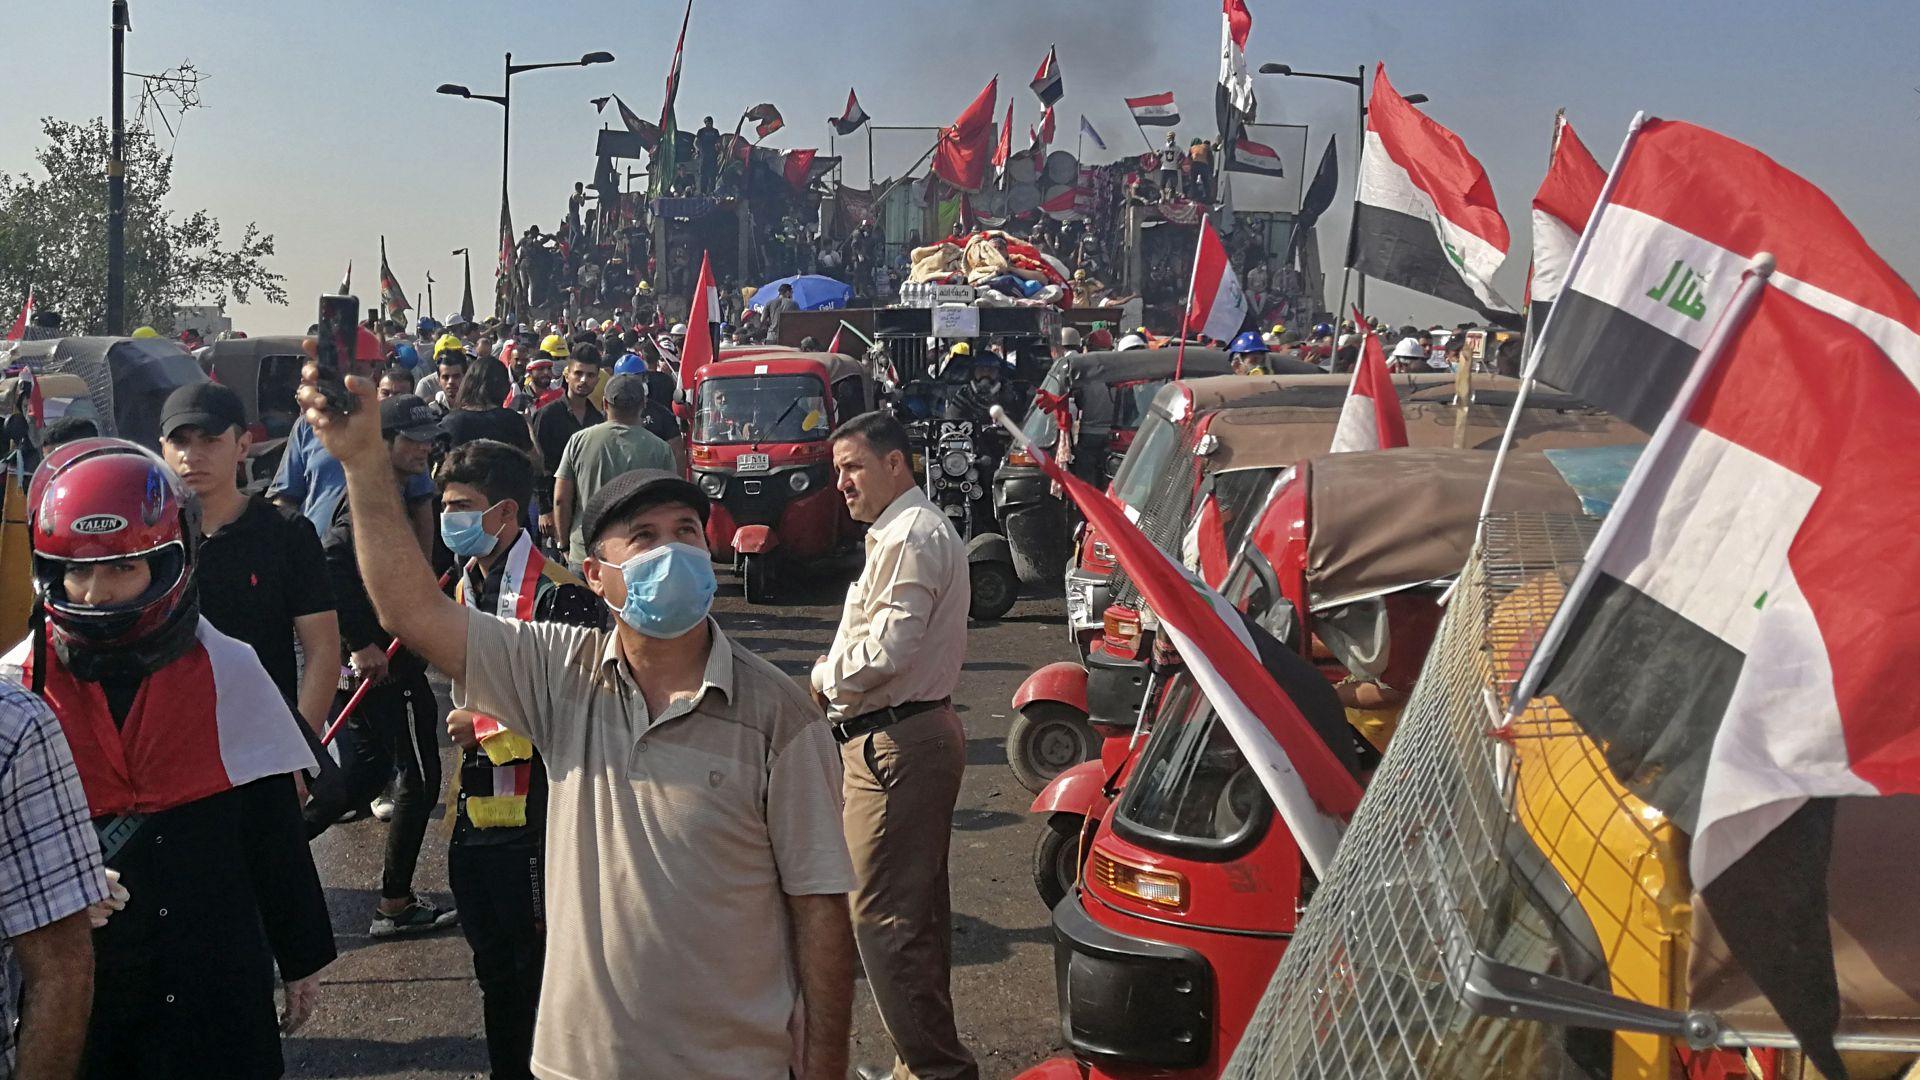 Нови сблъсъци между полиция и демонстранти избухнаха тази нощ в